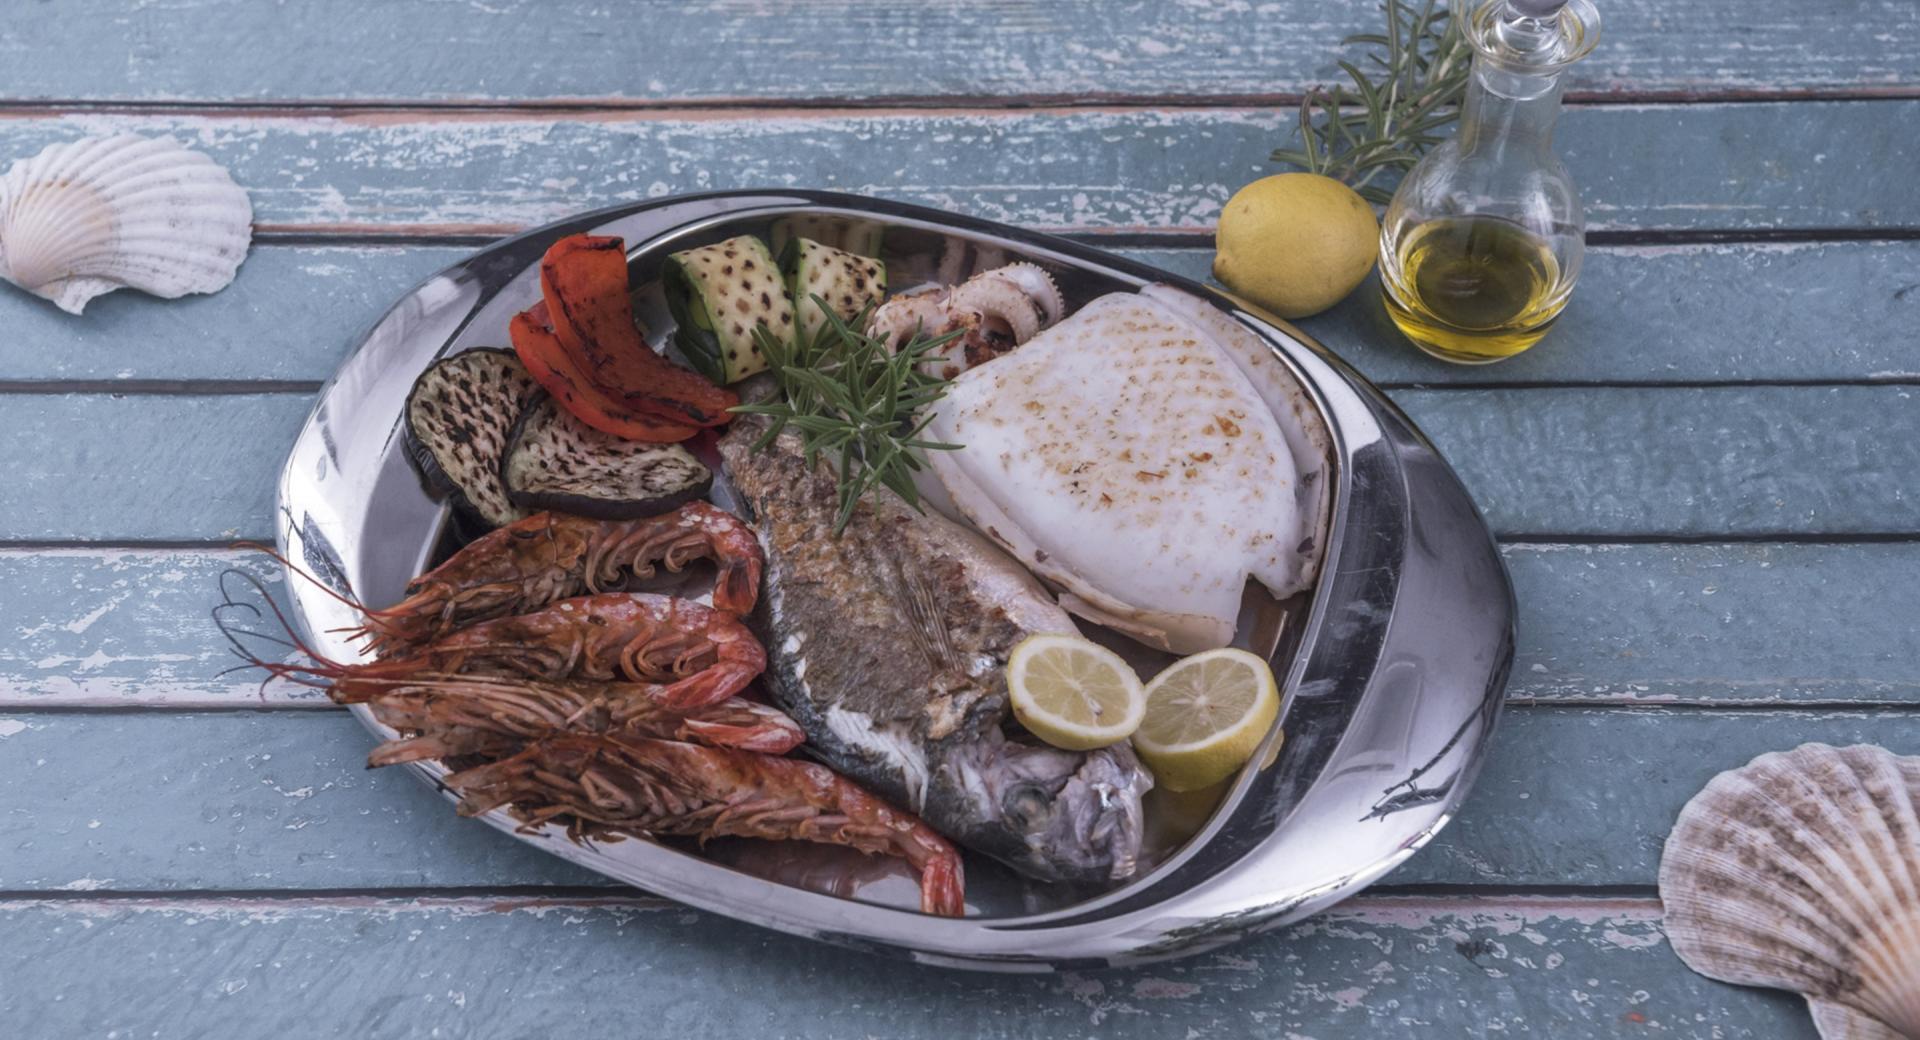 Parrillada de pescado y verduras